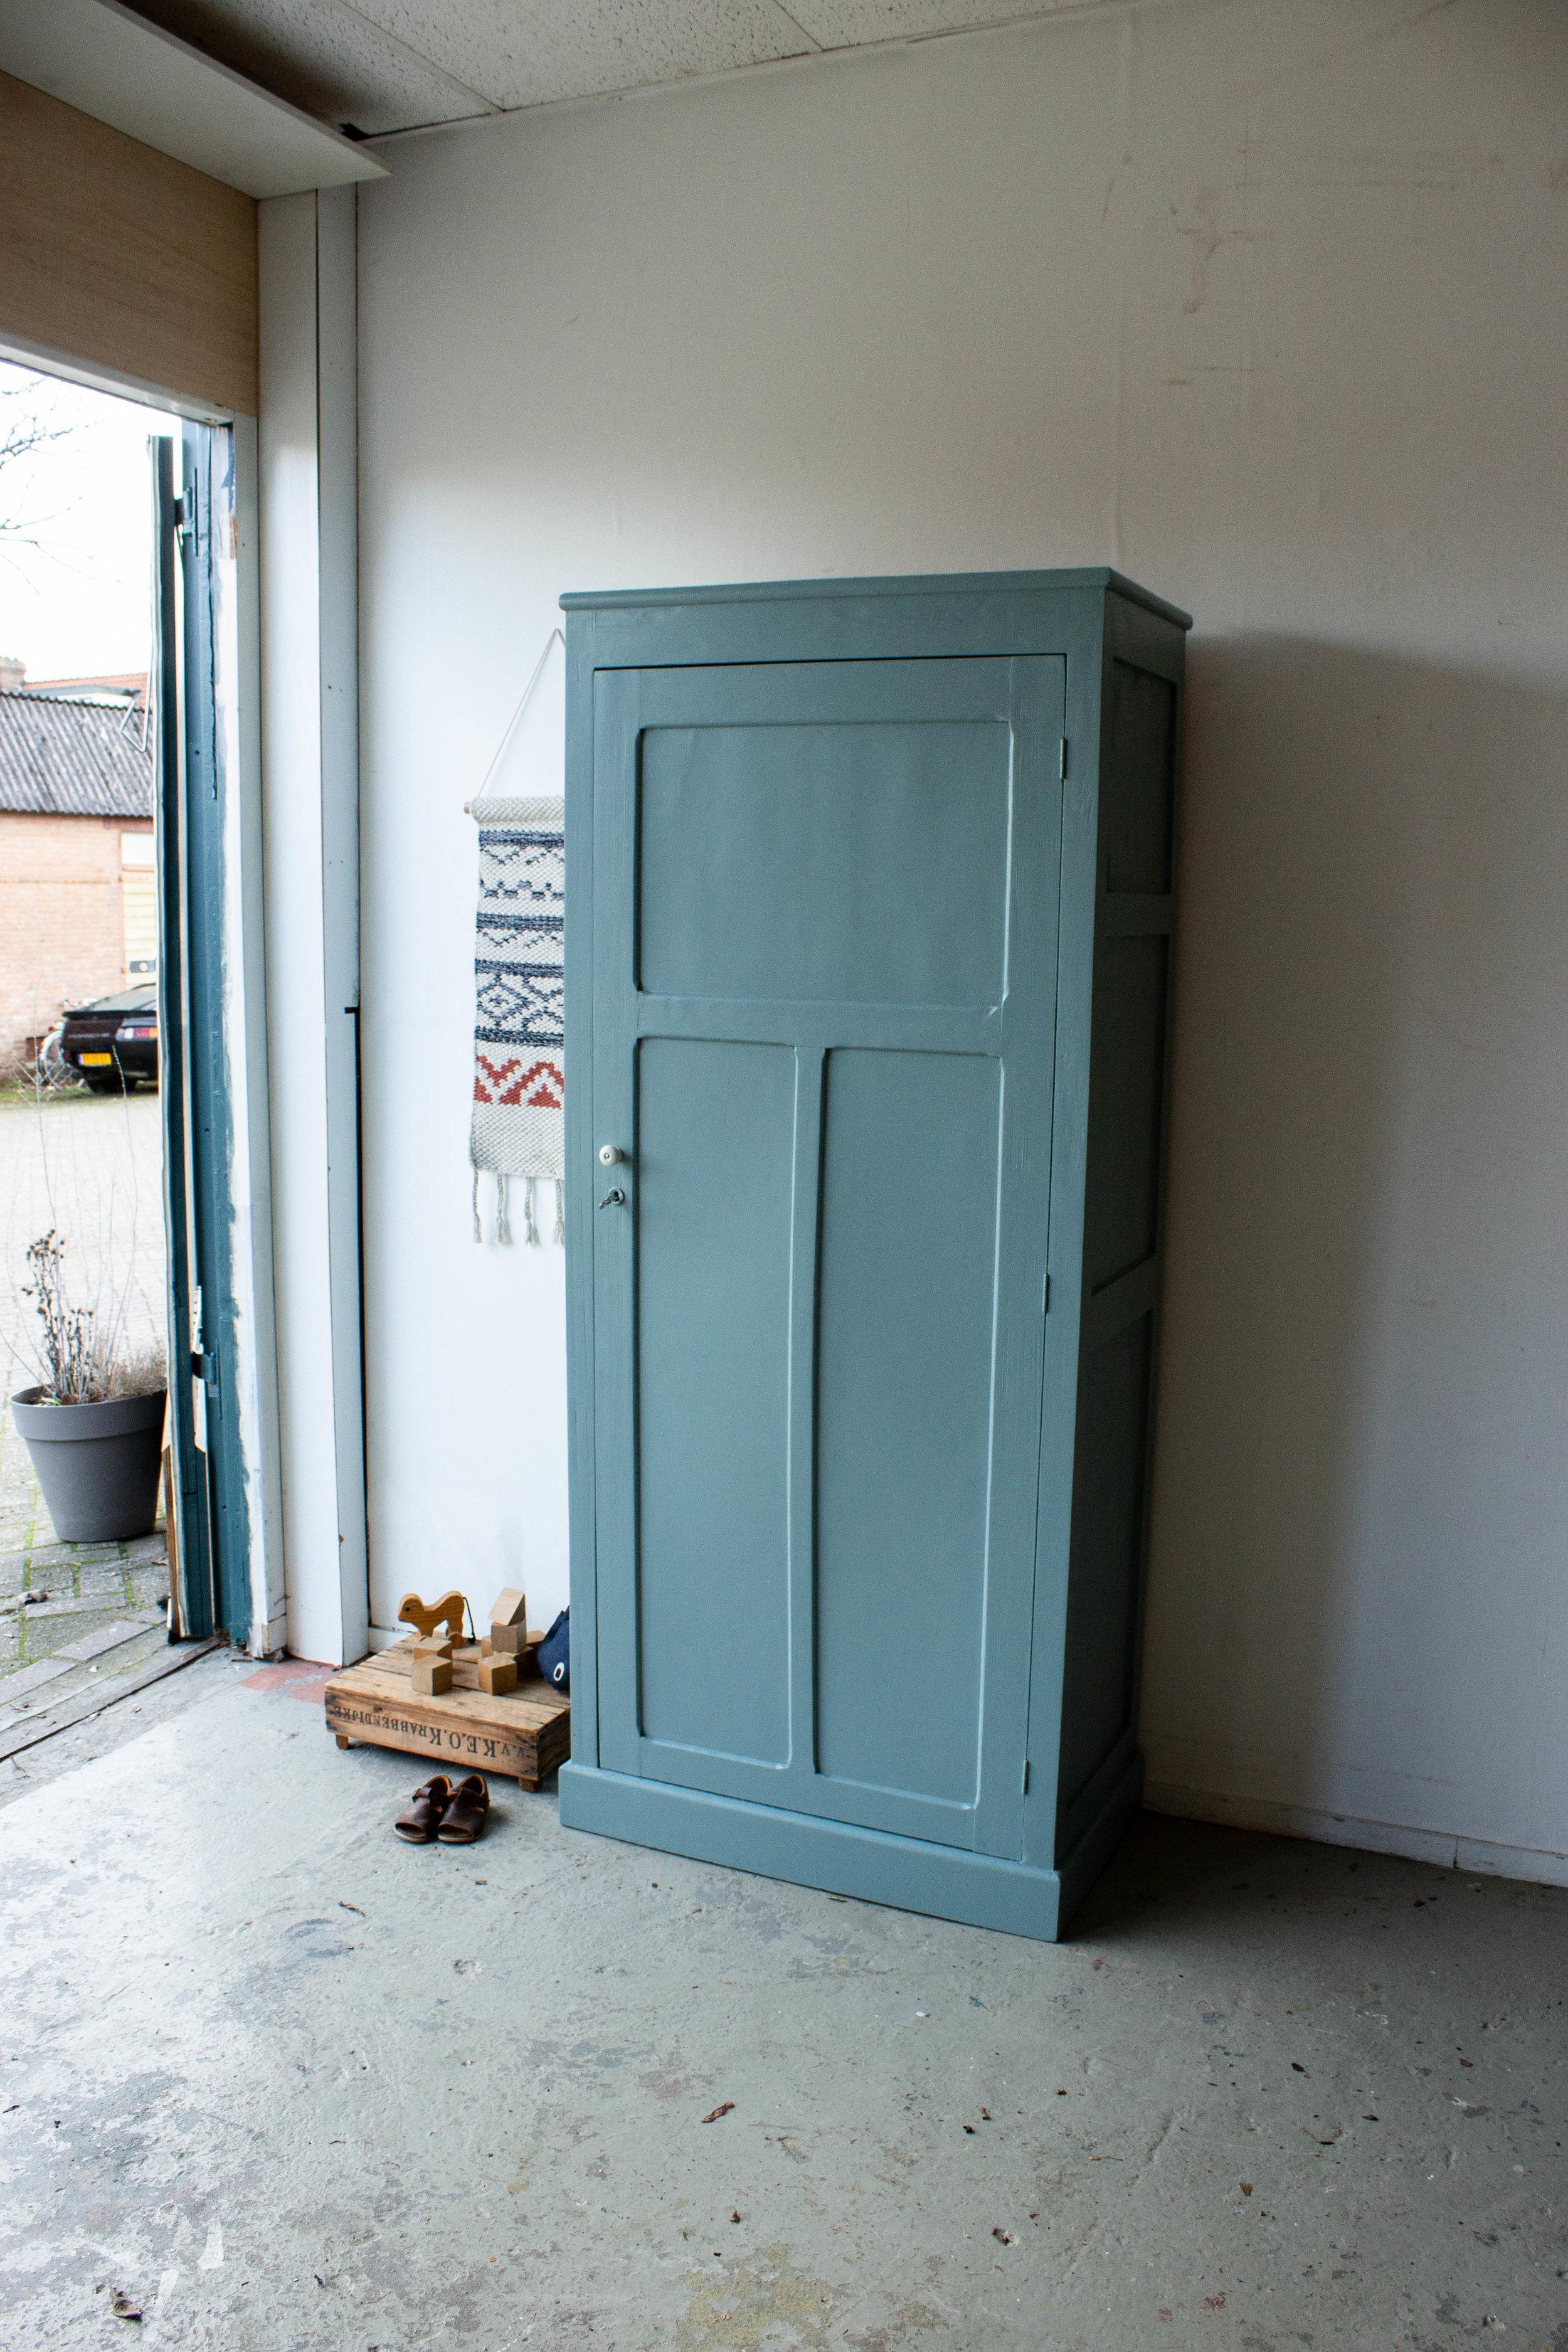 1443 - Grijsblauwe vintage kledingkast-3.jpg